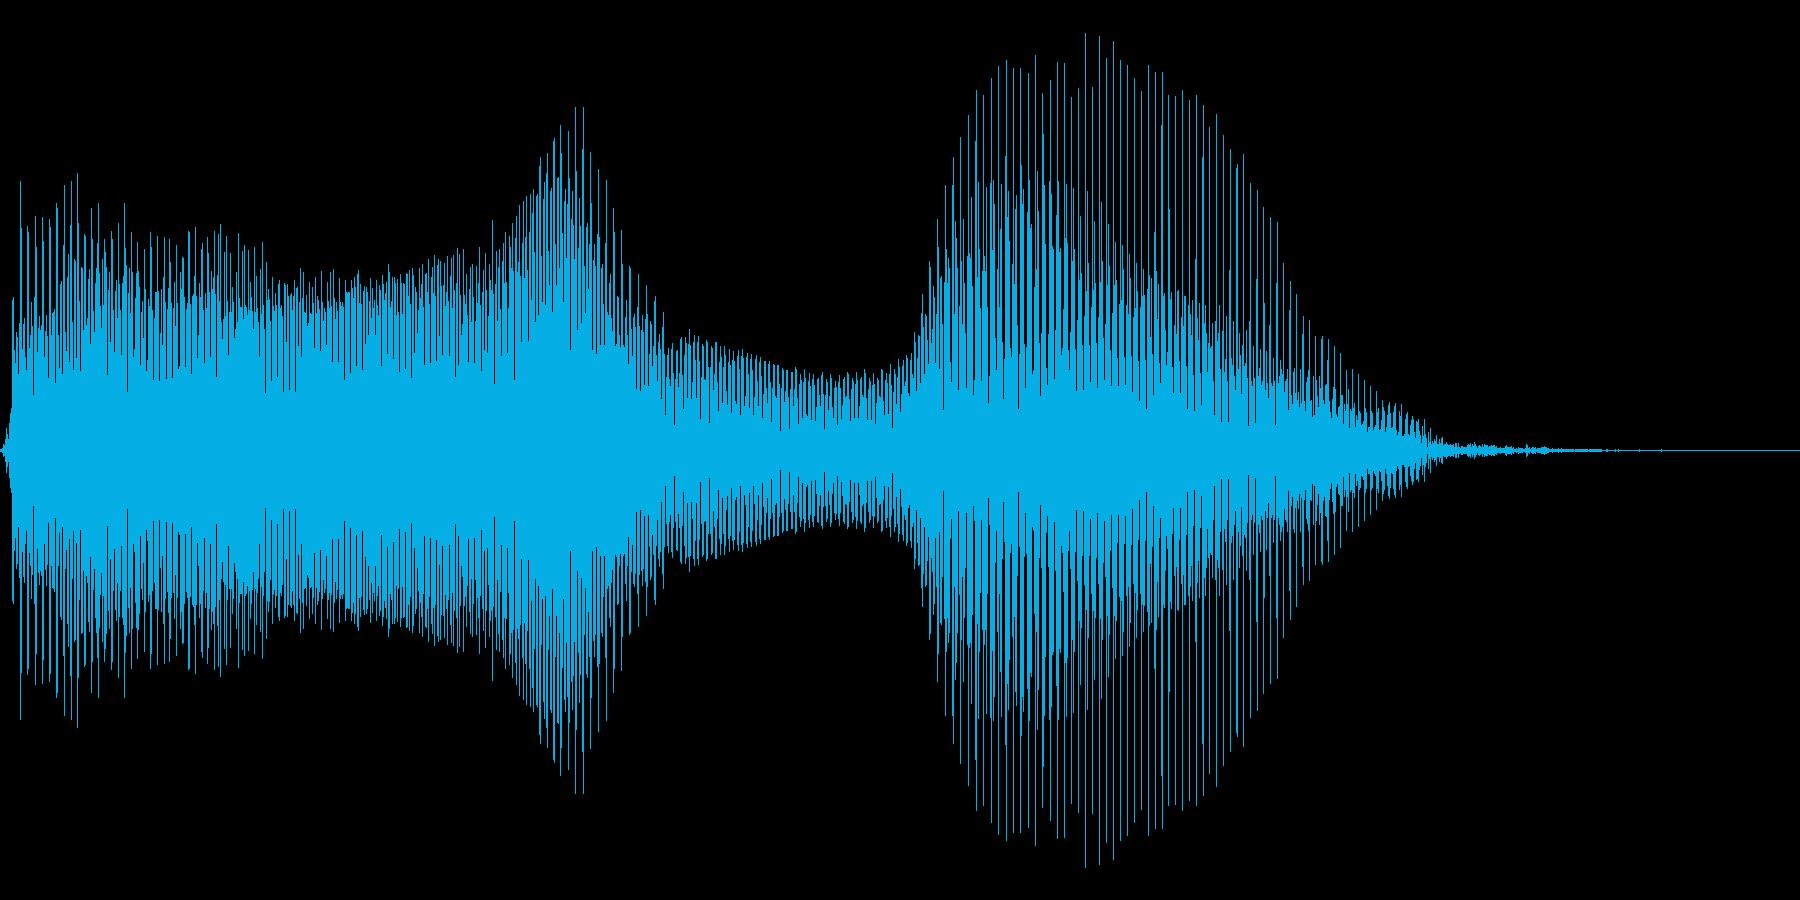 いいね!2【ロリキャラの褒めボイス】の再生済みの波形